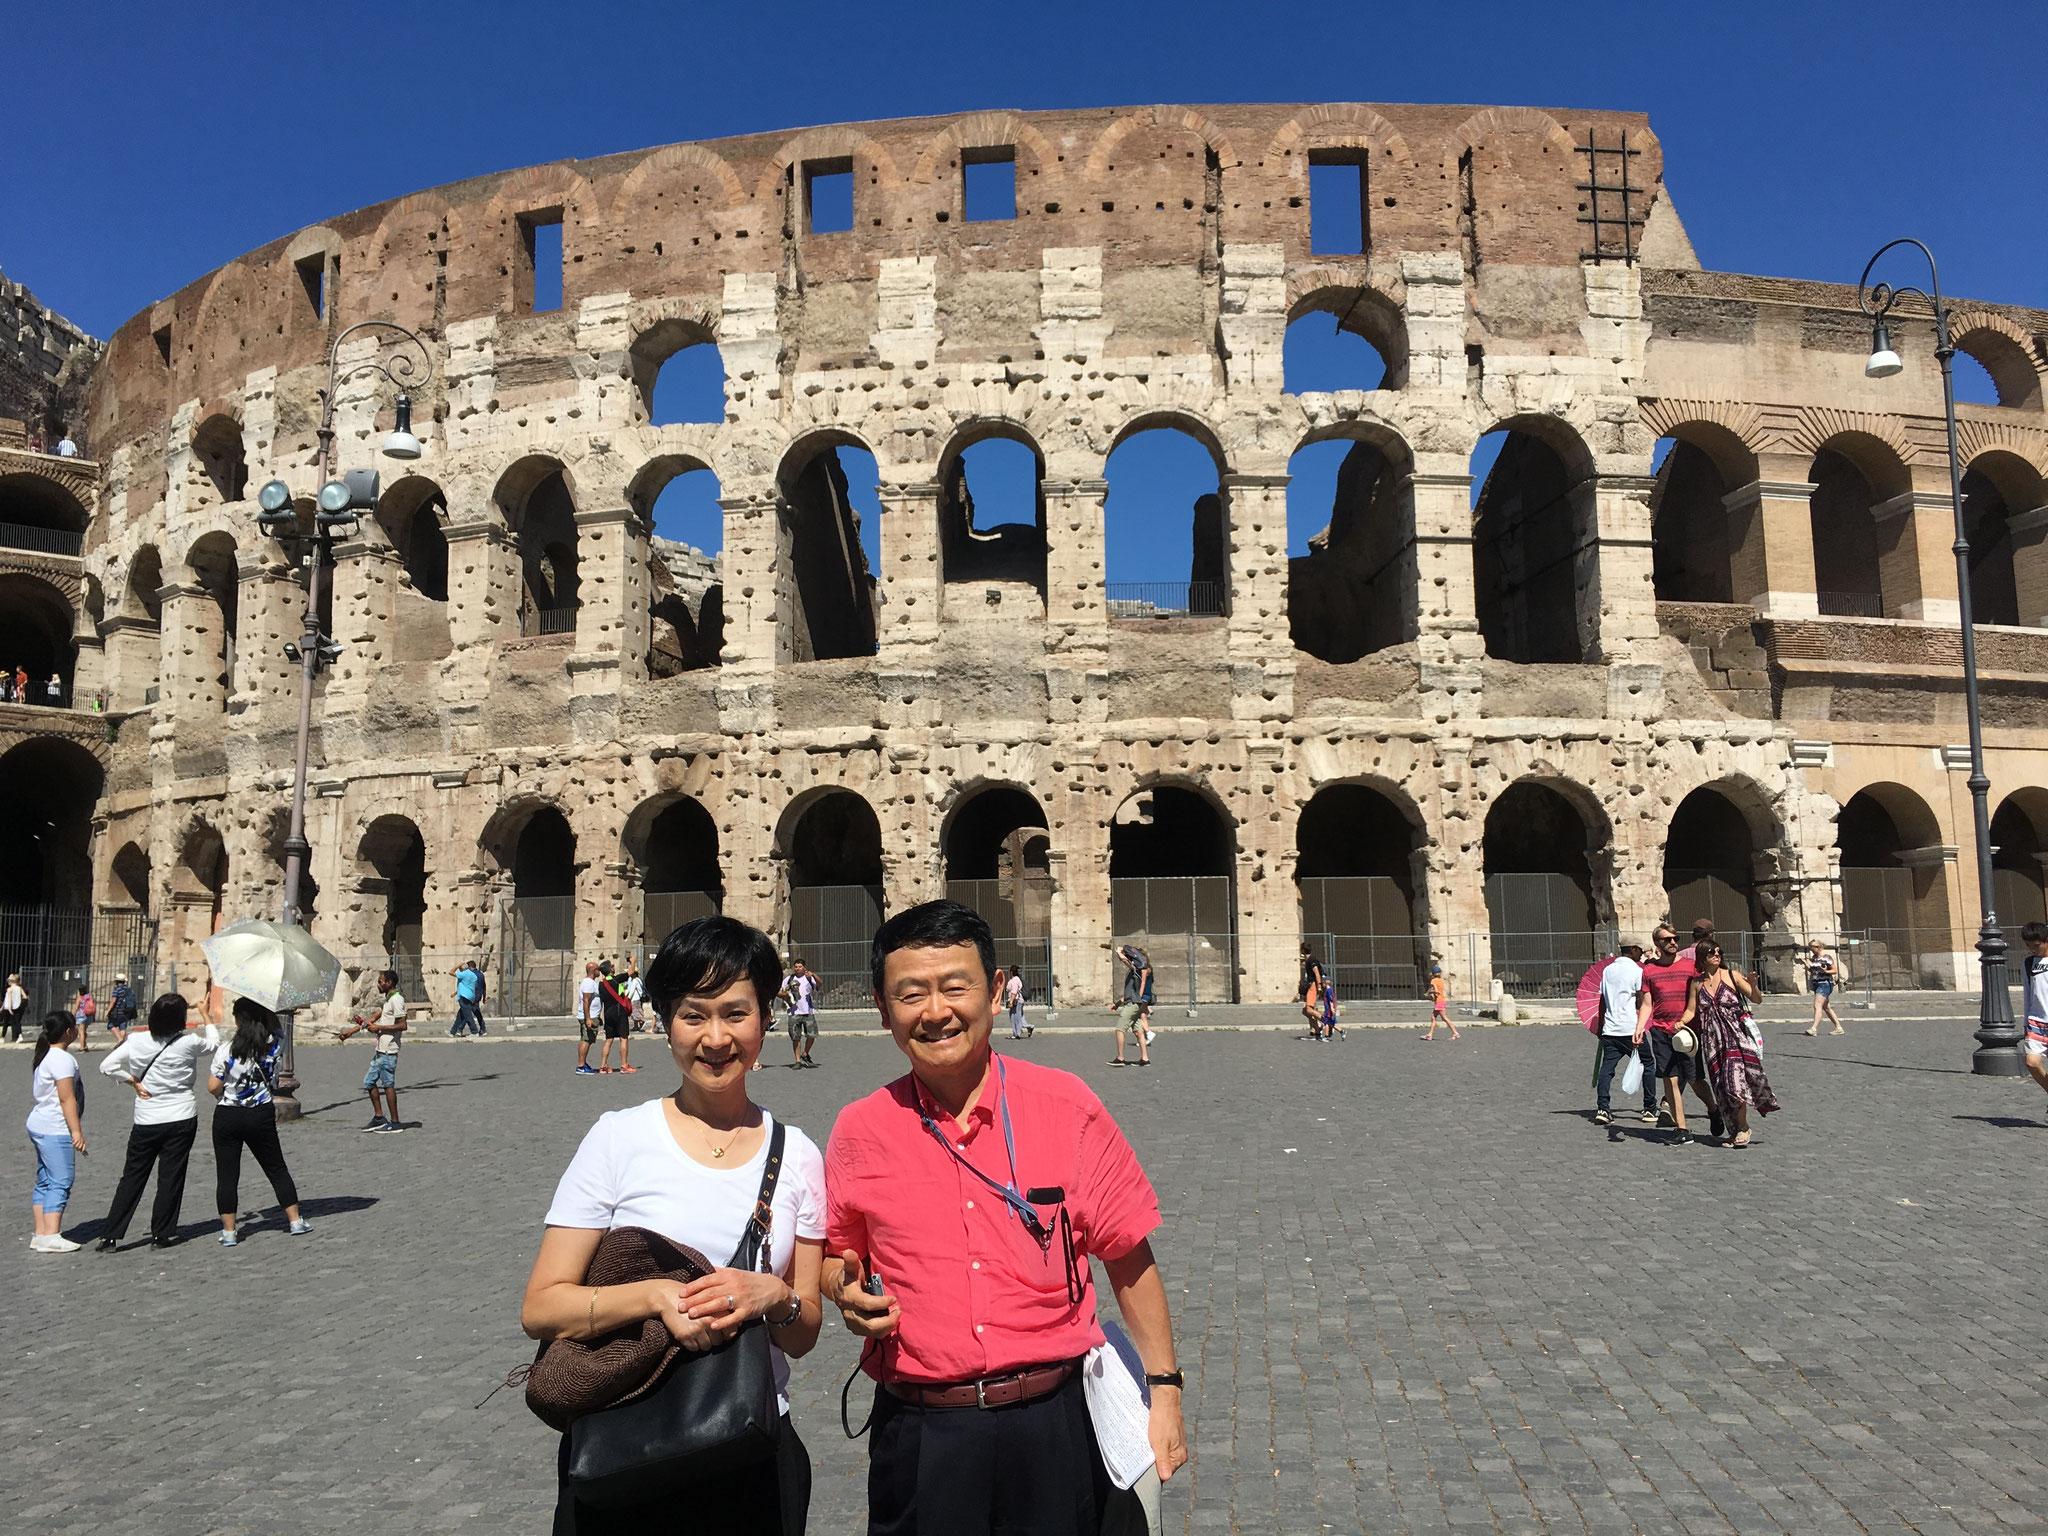 コロッセオ。ヴェスパシアヌス帝の命で紀元72年に建設が始められ、息子ティトゥス帝の時代に完成した円形闘技場。 4階建て。